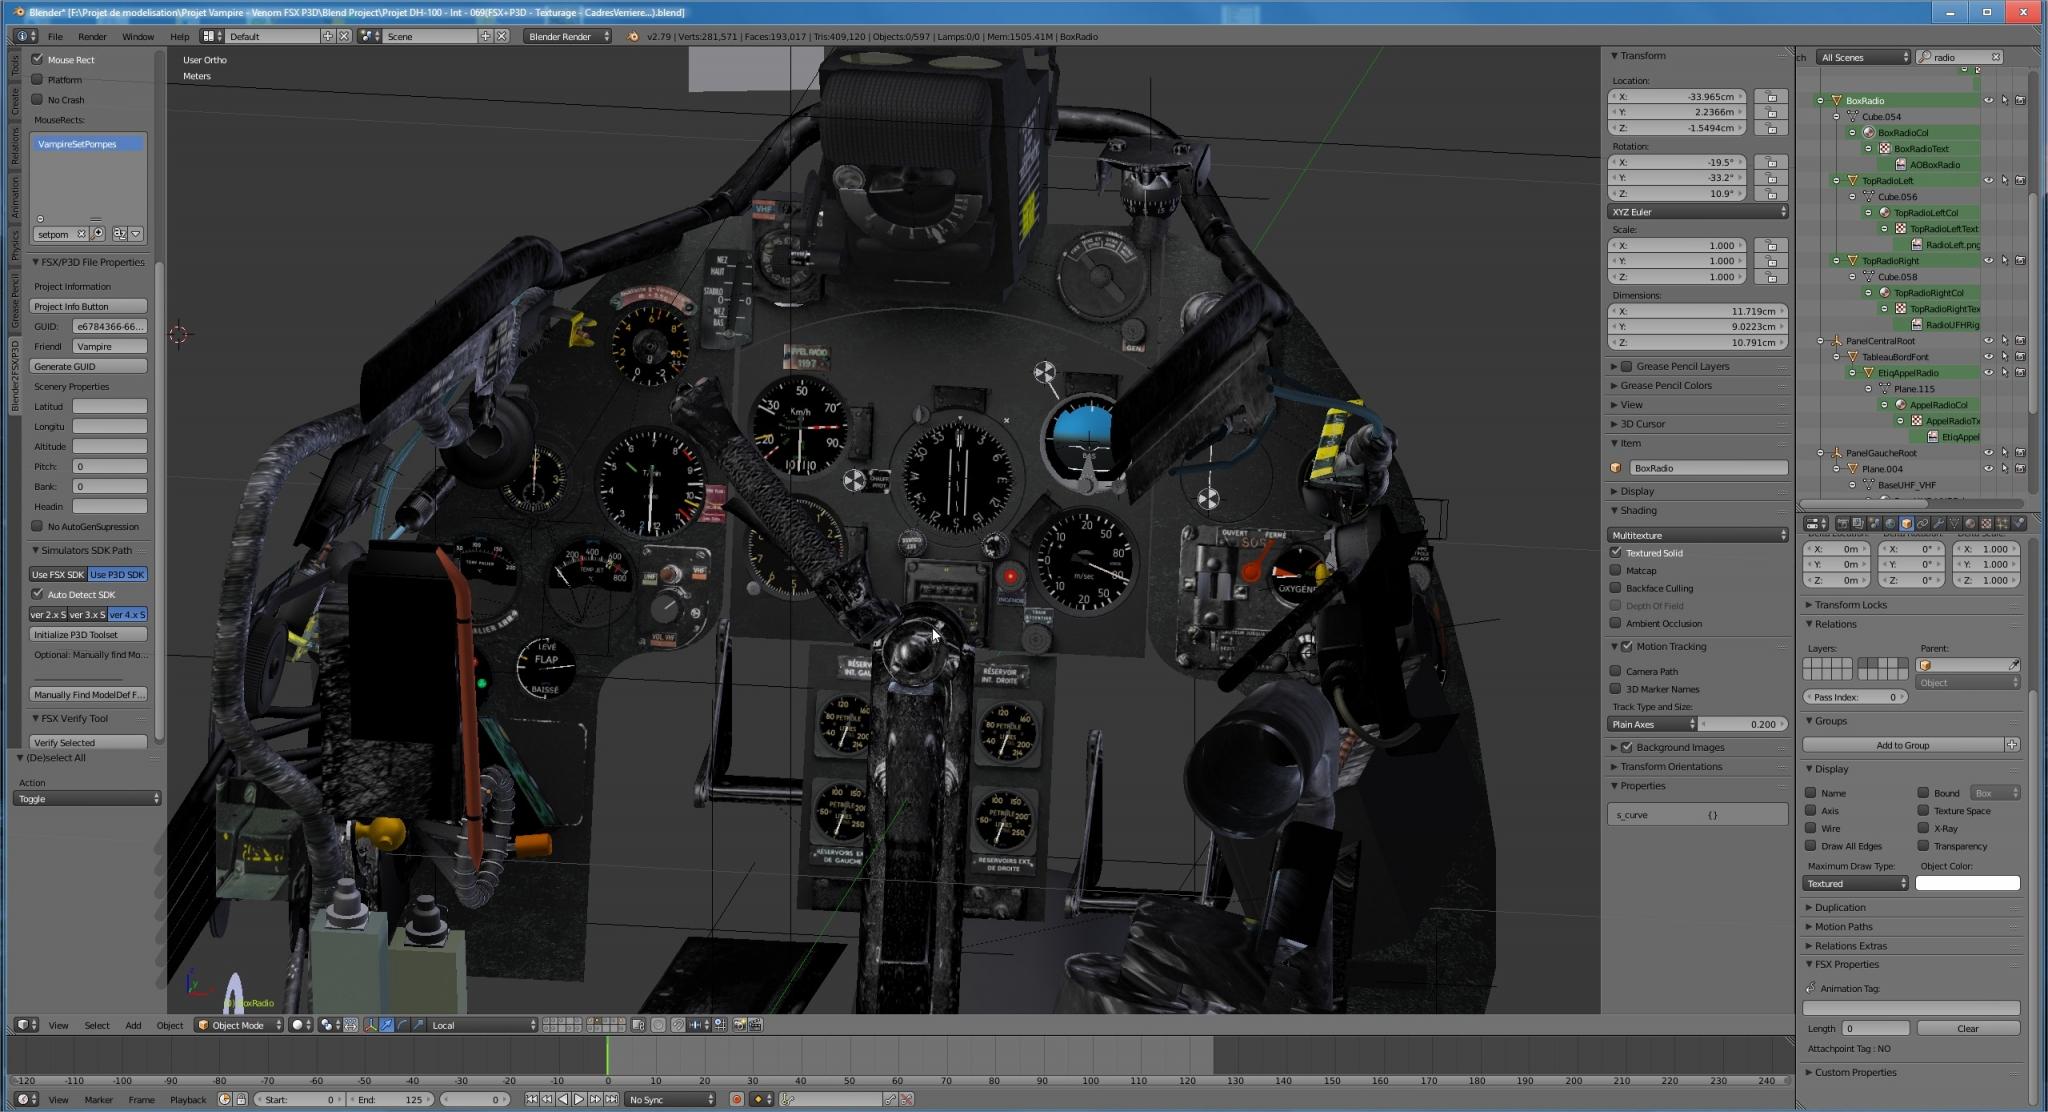 BlenderCockpitTexture2.jpg